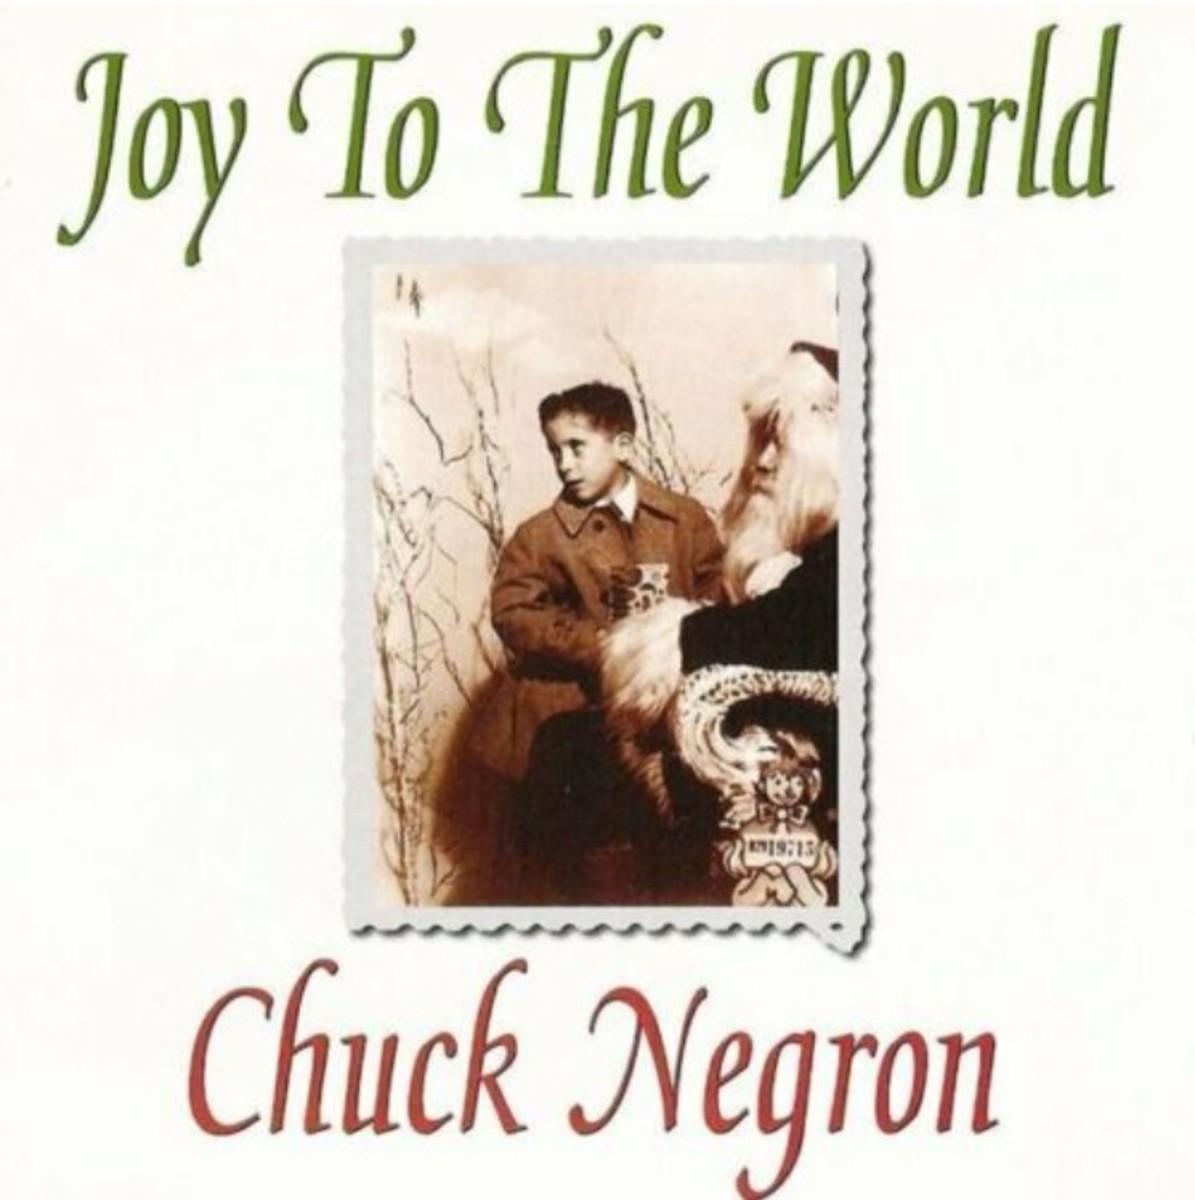 Chuck Negron Joy